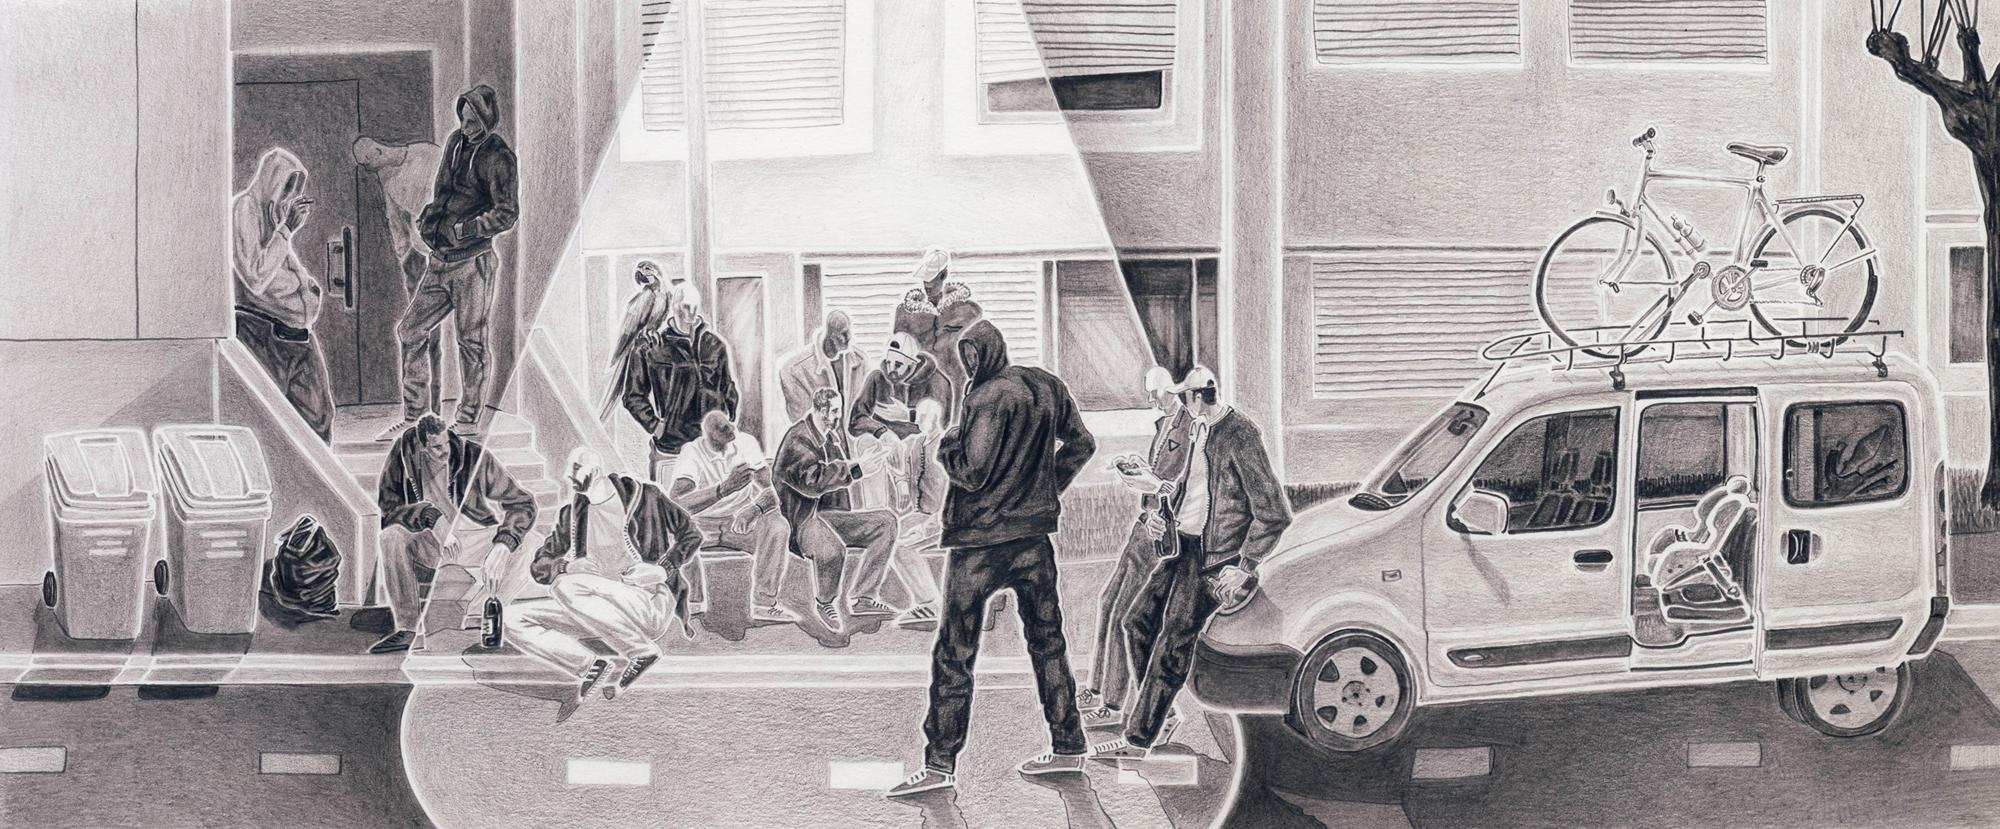 Thibaut Huchard, dessin crayon